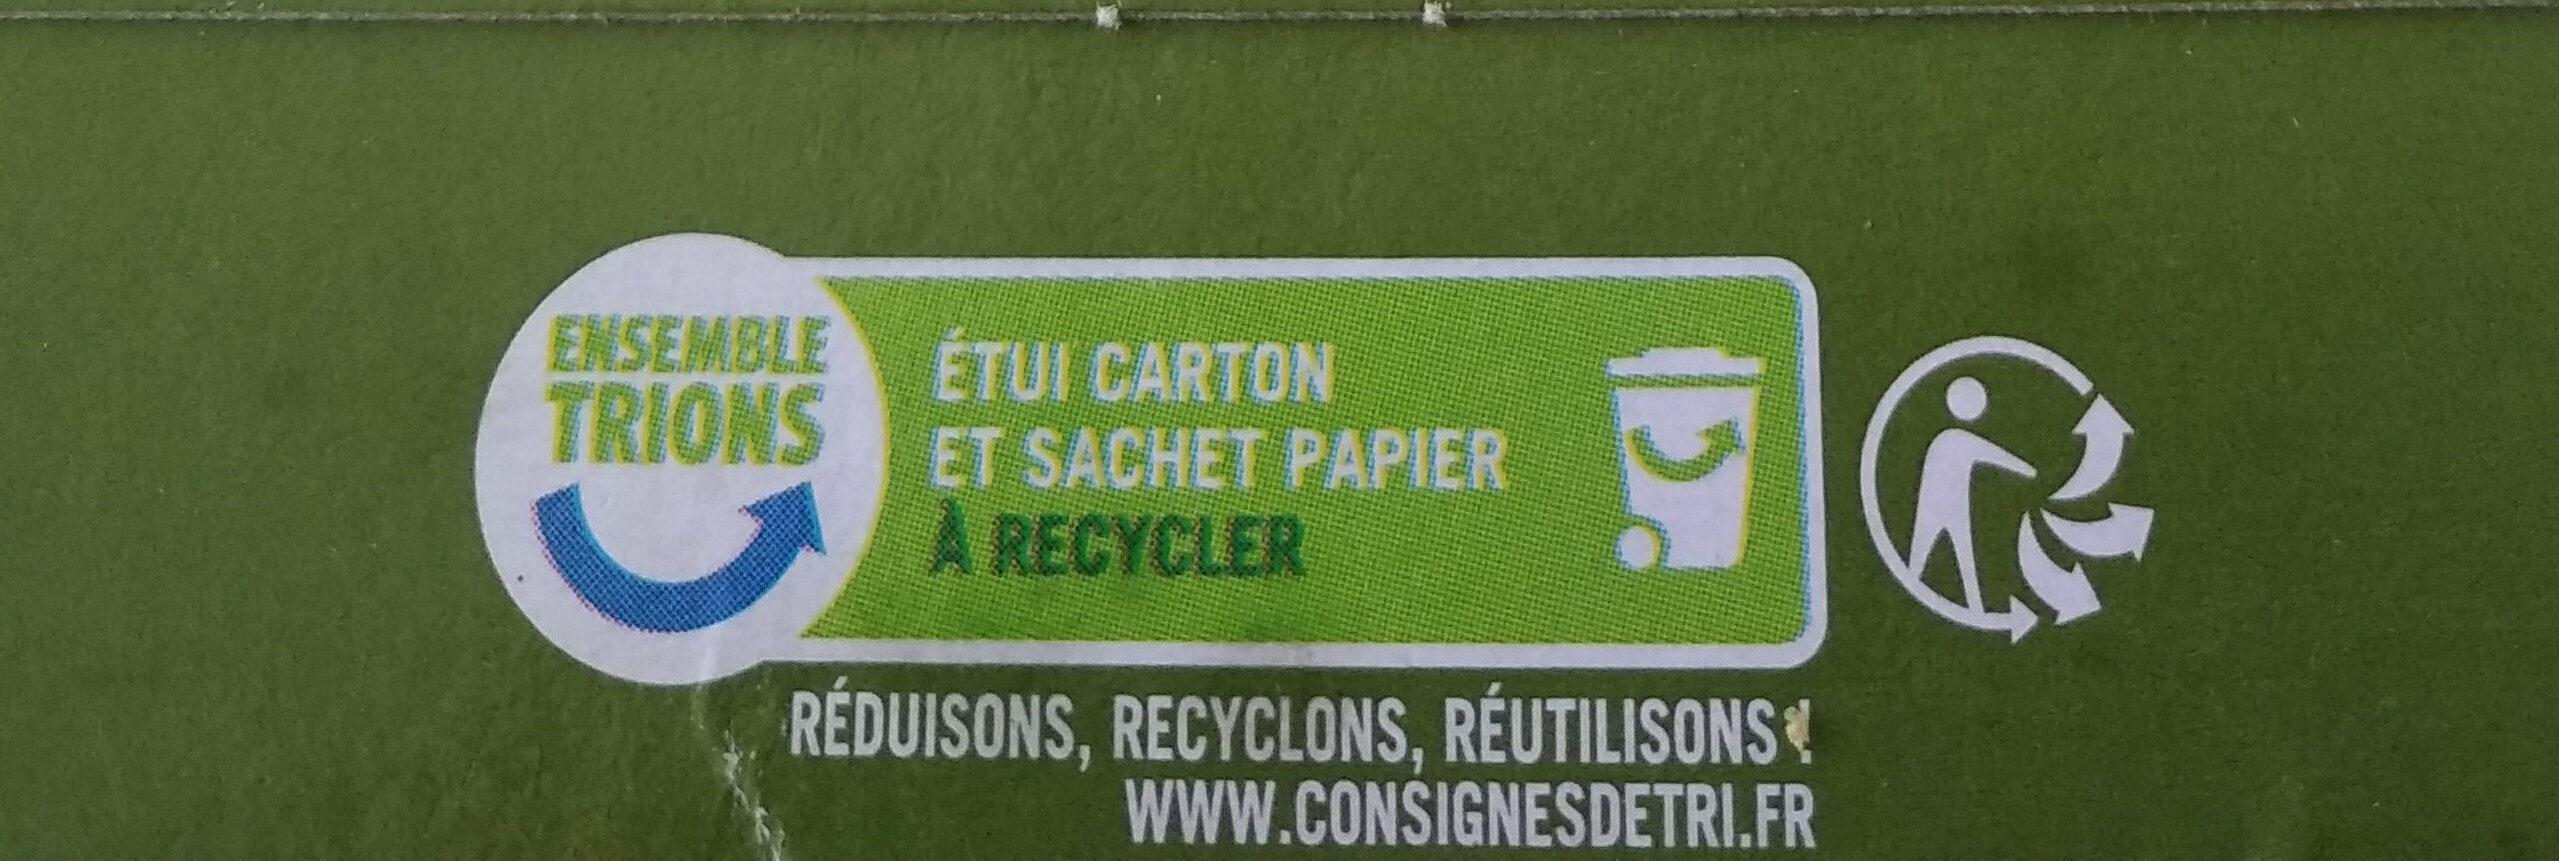 Grainea - Istruzioni per il riciclaggio e/o informazioni sull'imballaggio - fr